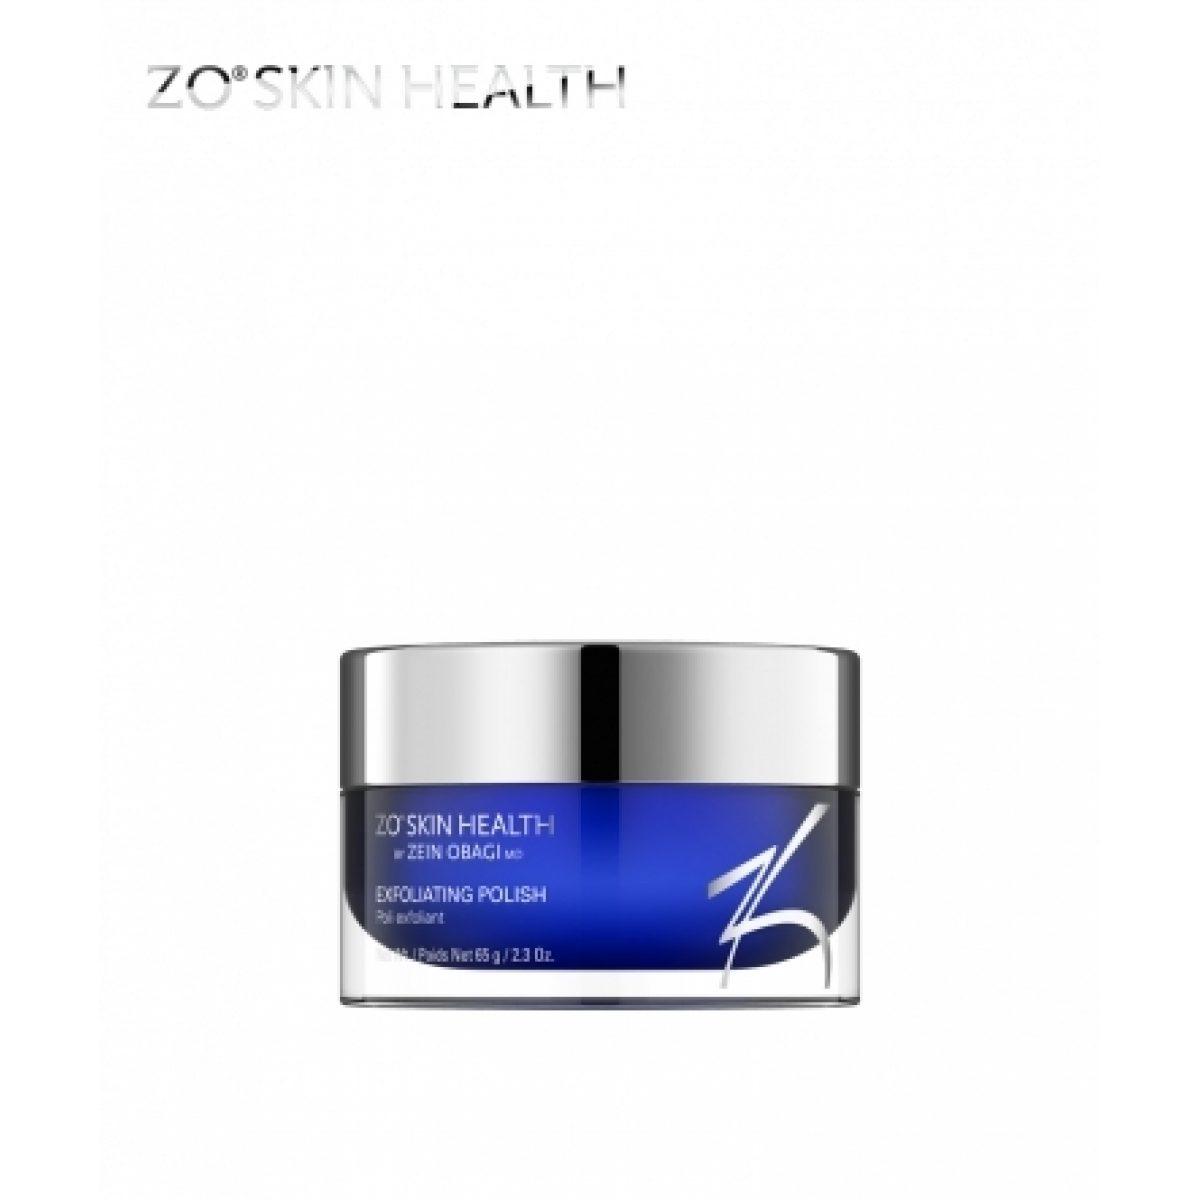 Offects® Exfoliating Polish - Lotiune exfolianta pentru toate tenurile de piele